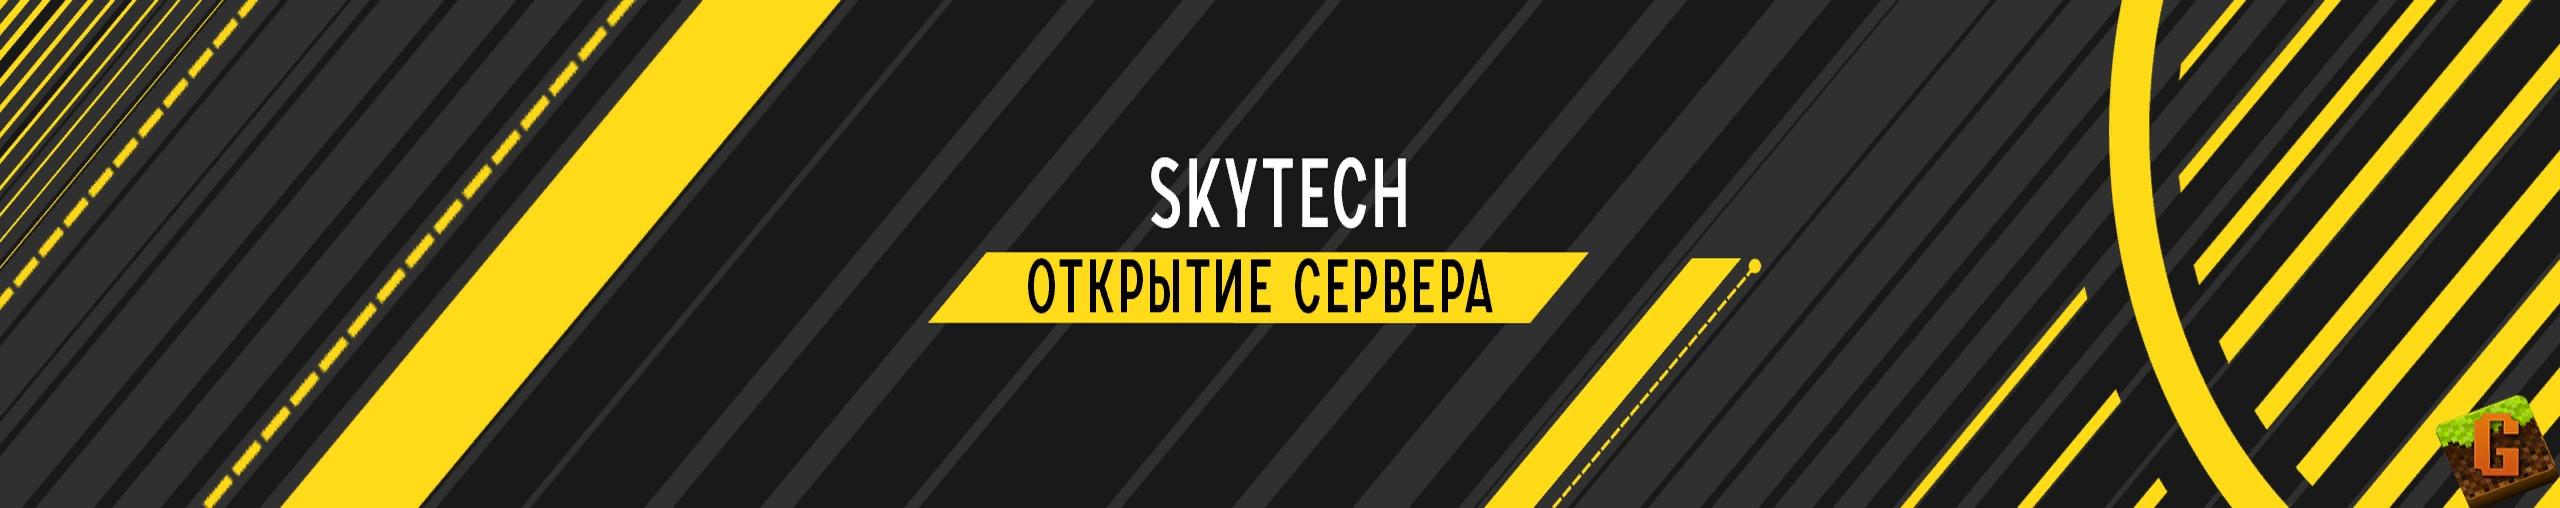 Обновление сервера SkyTech - 26.01.2019